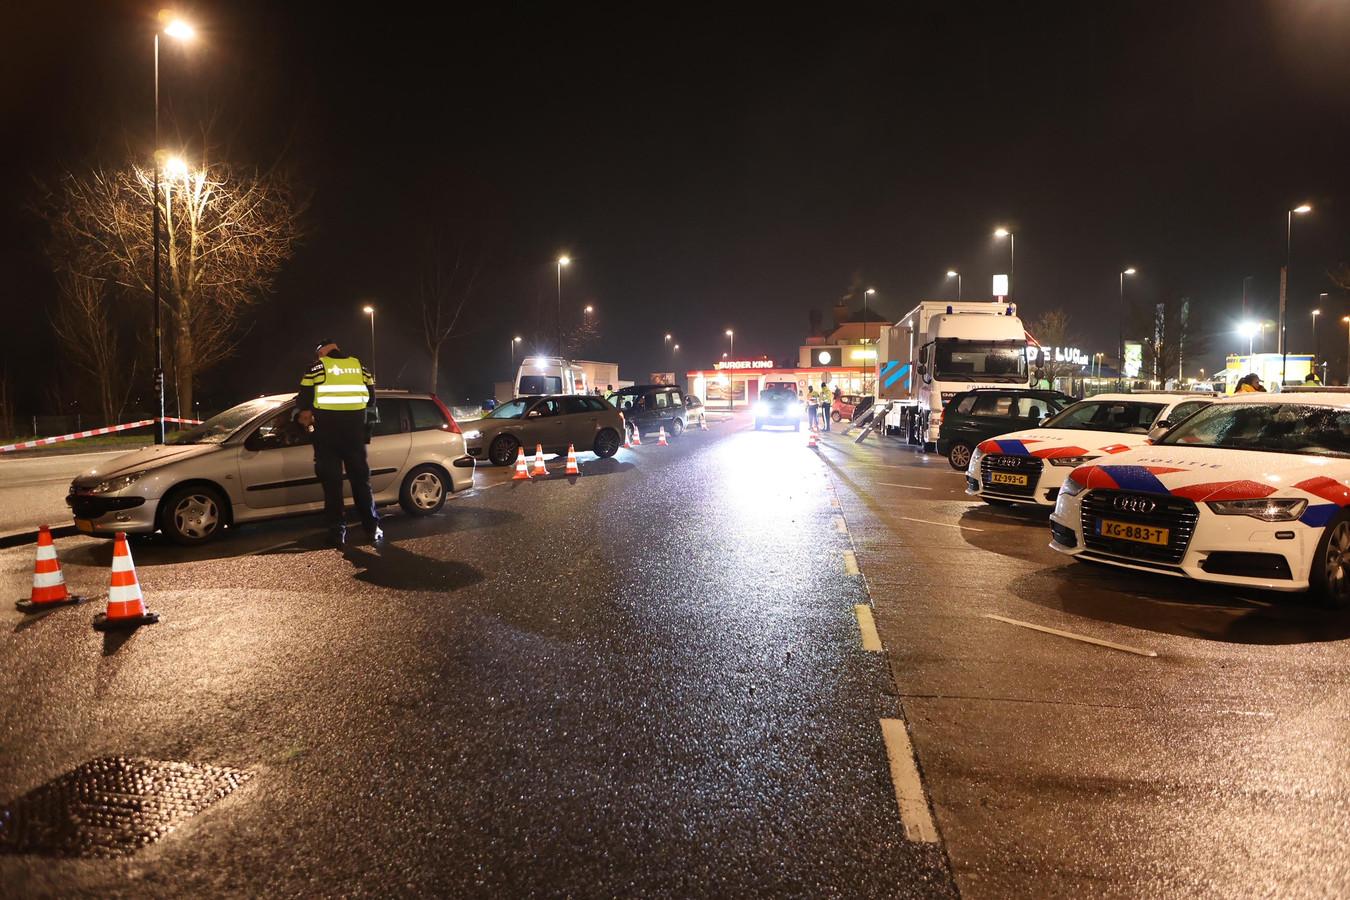 Grote politiecontrole bij ingang van avondklok langs de A2 bij Zaltbommel.